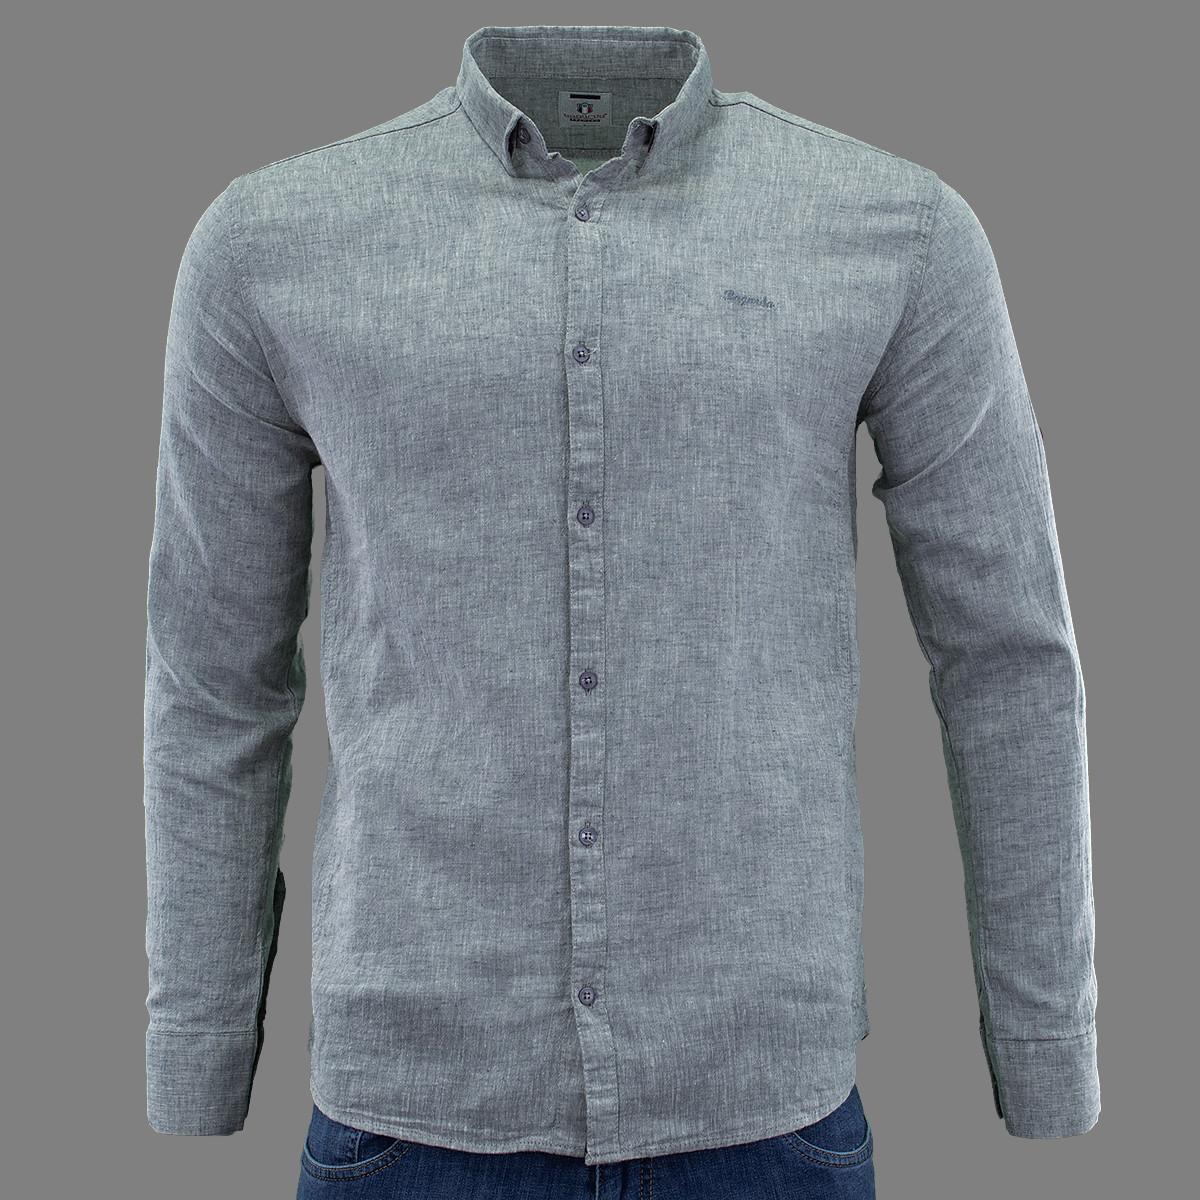 Сорочка чоловіча, приталена (Slim Fit), з довгим рукавом Bagarda BG5731 GREY 80% льон 20% бавовна 3XL(Р)